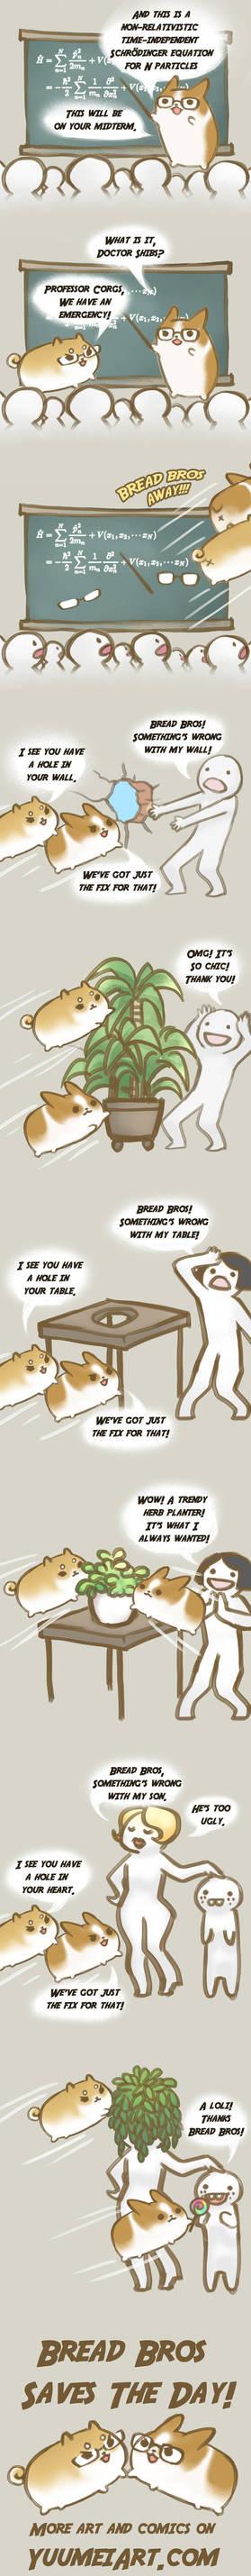 Bread Bros Adventures - Part 1 by yuumei